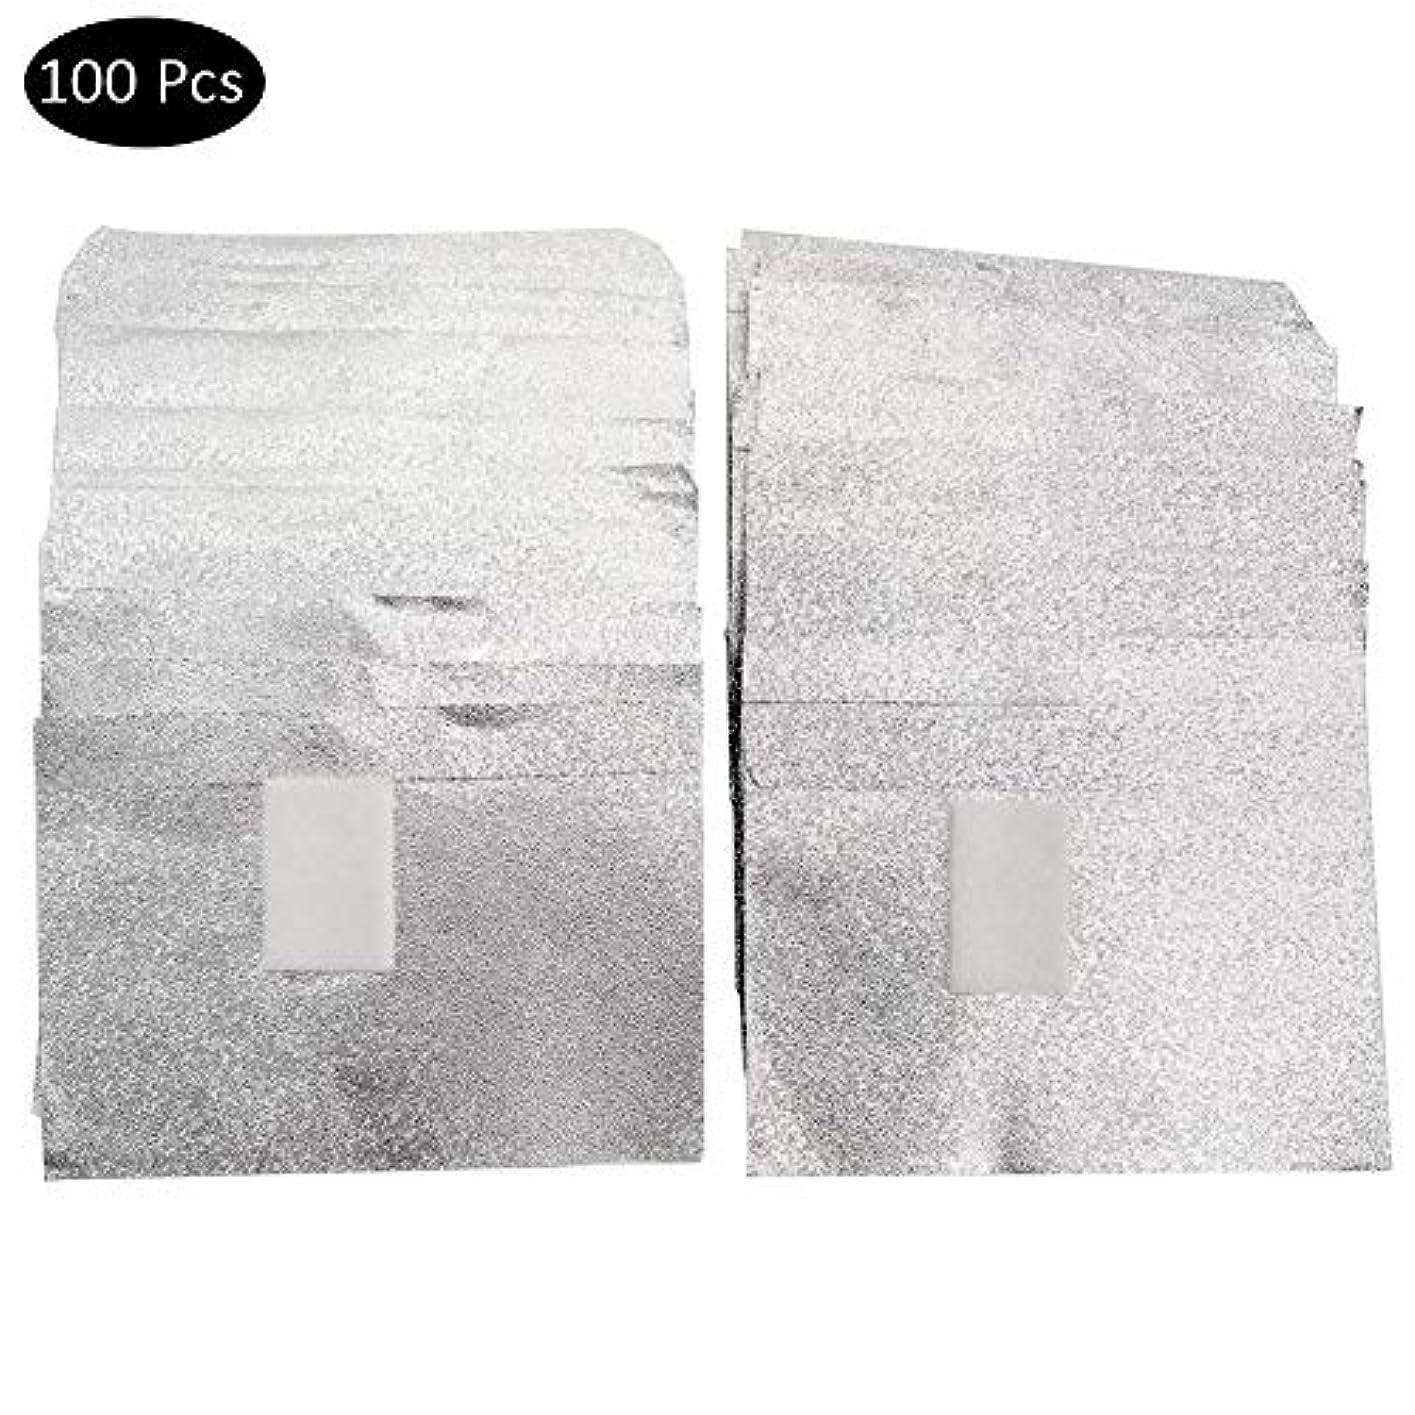 削除する湿地紳士SILUN ネイルリムーバー錫箔ネイルポリッシュットン付きアルミホイル ジェル除却 使い捨て 爪マニキュア用品100枚入り使い捨て コットン付きアルミホイル ネイル用品 マニキュア用品